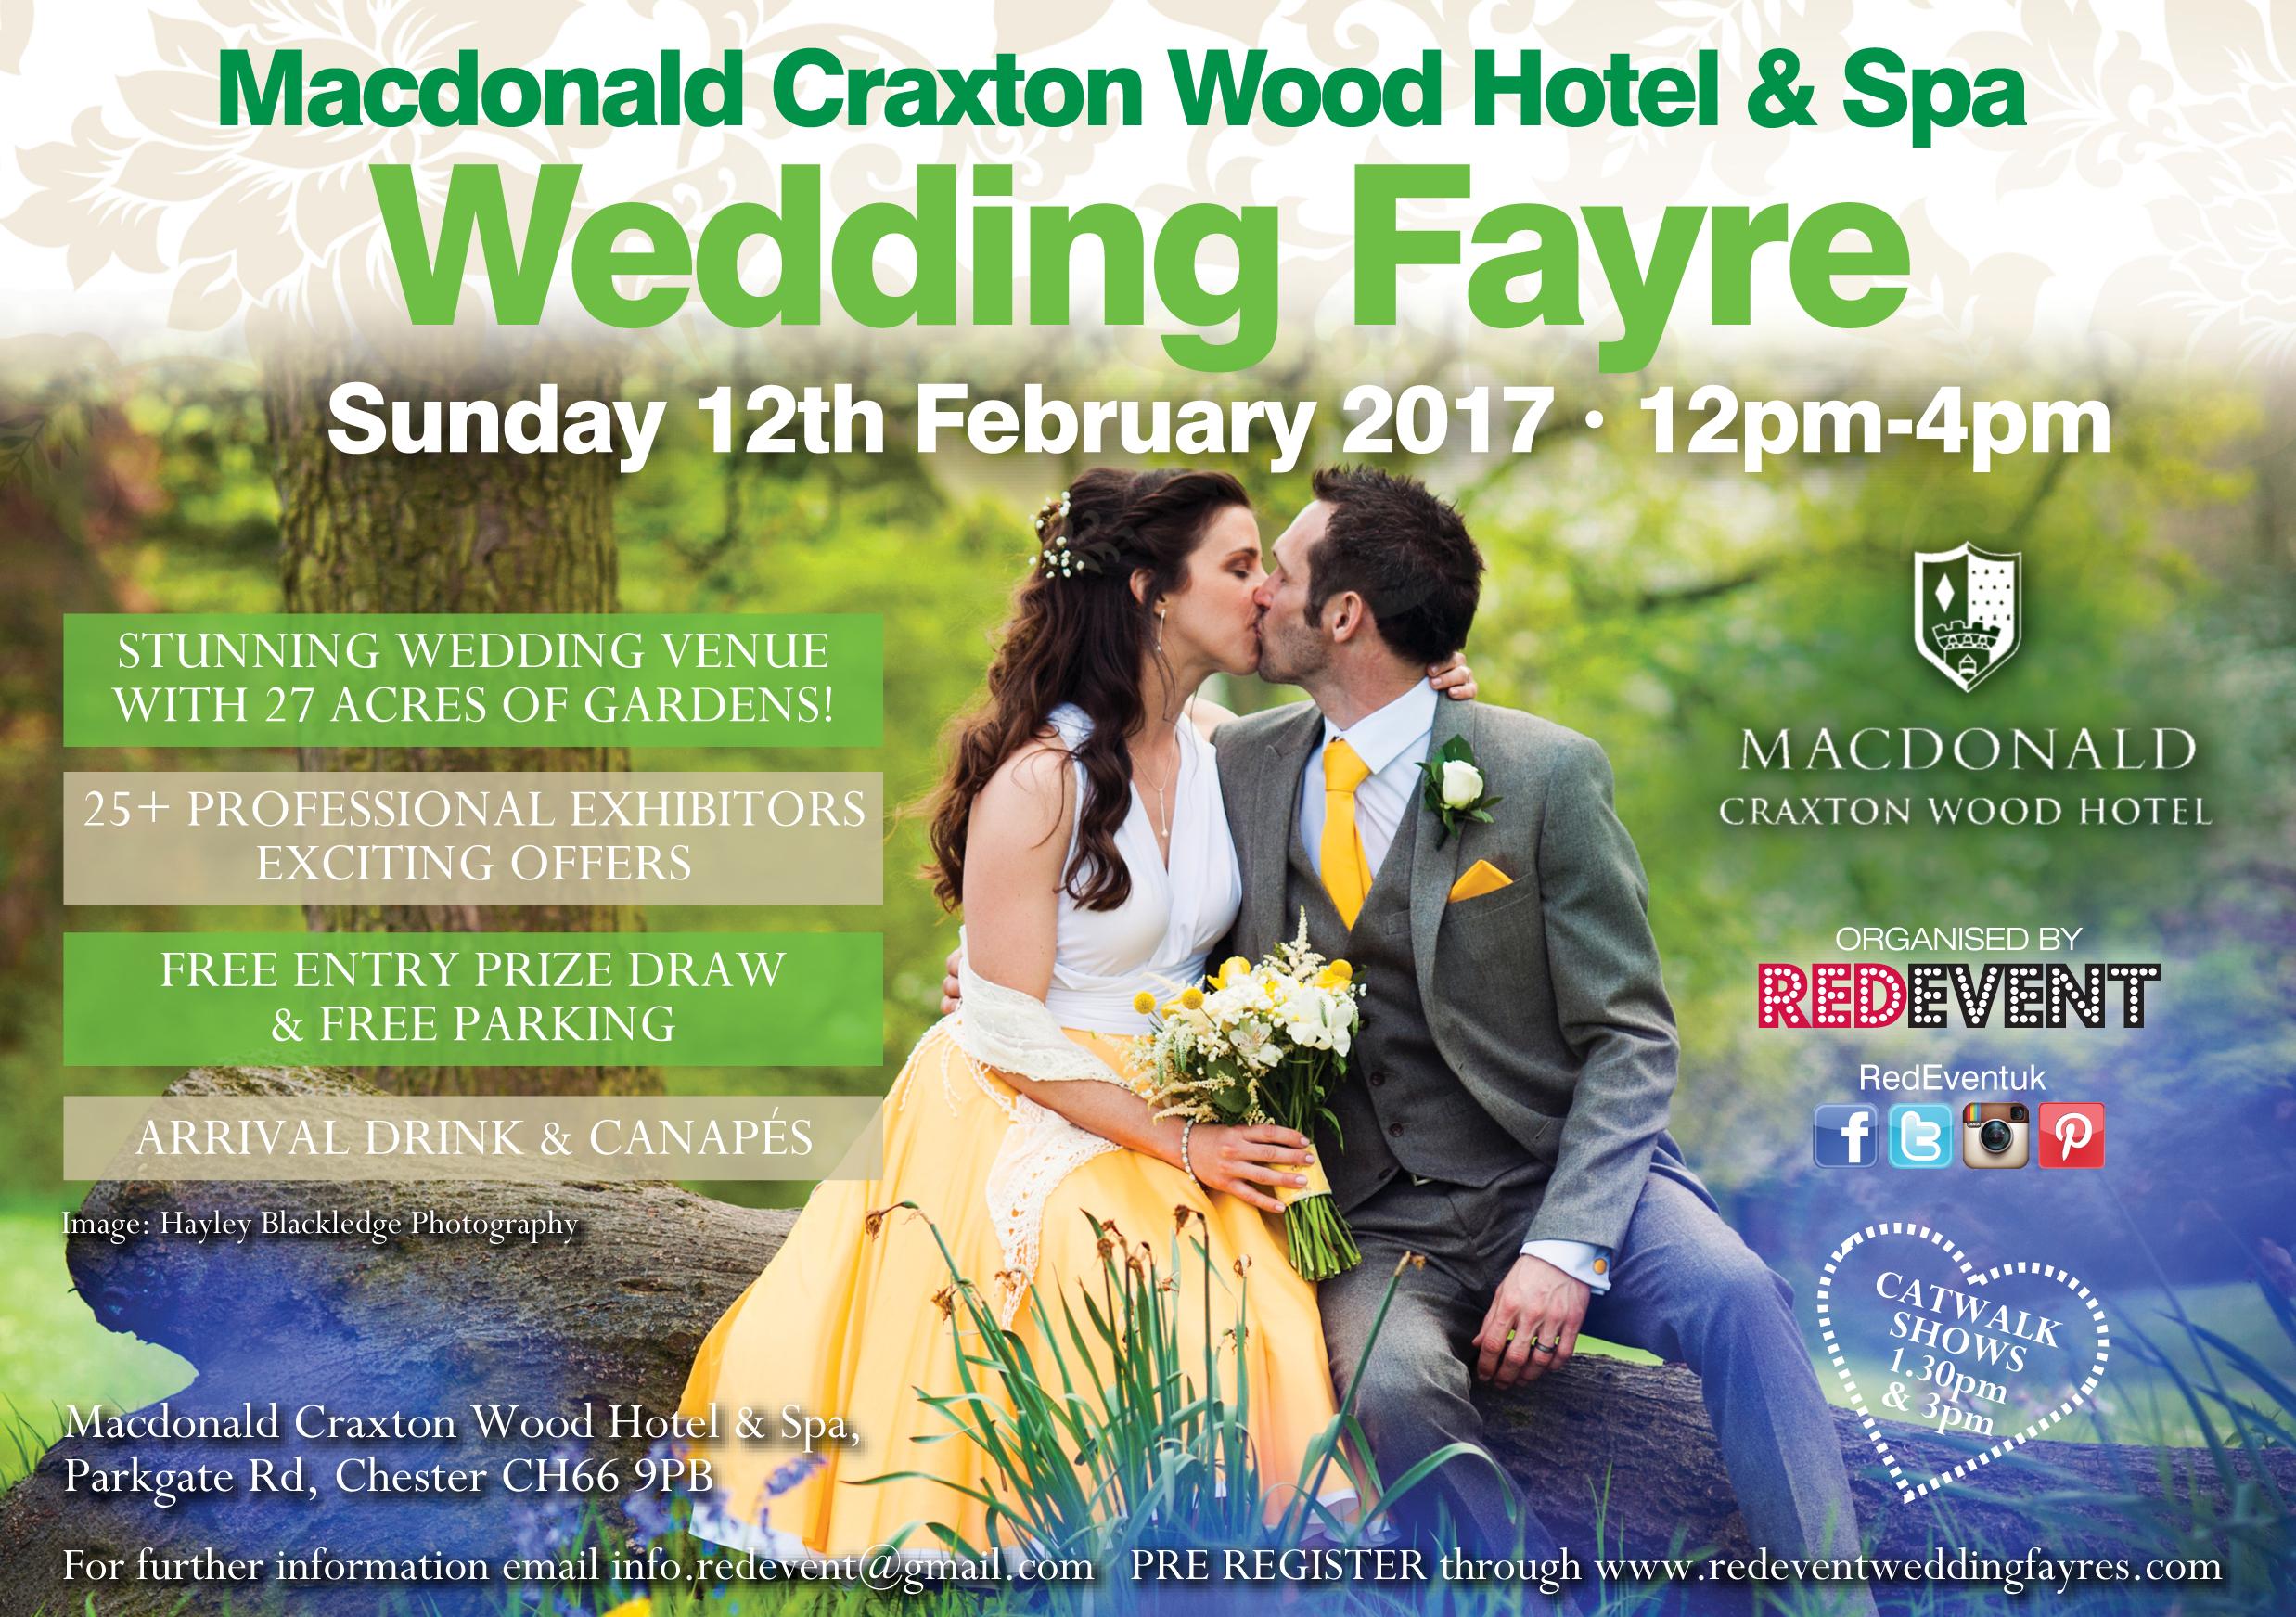 Macdonald Craxton Wood Hotel & Spa Wedding Fayre Chester www.redeventweddingfayres.com